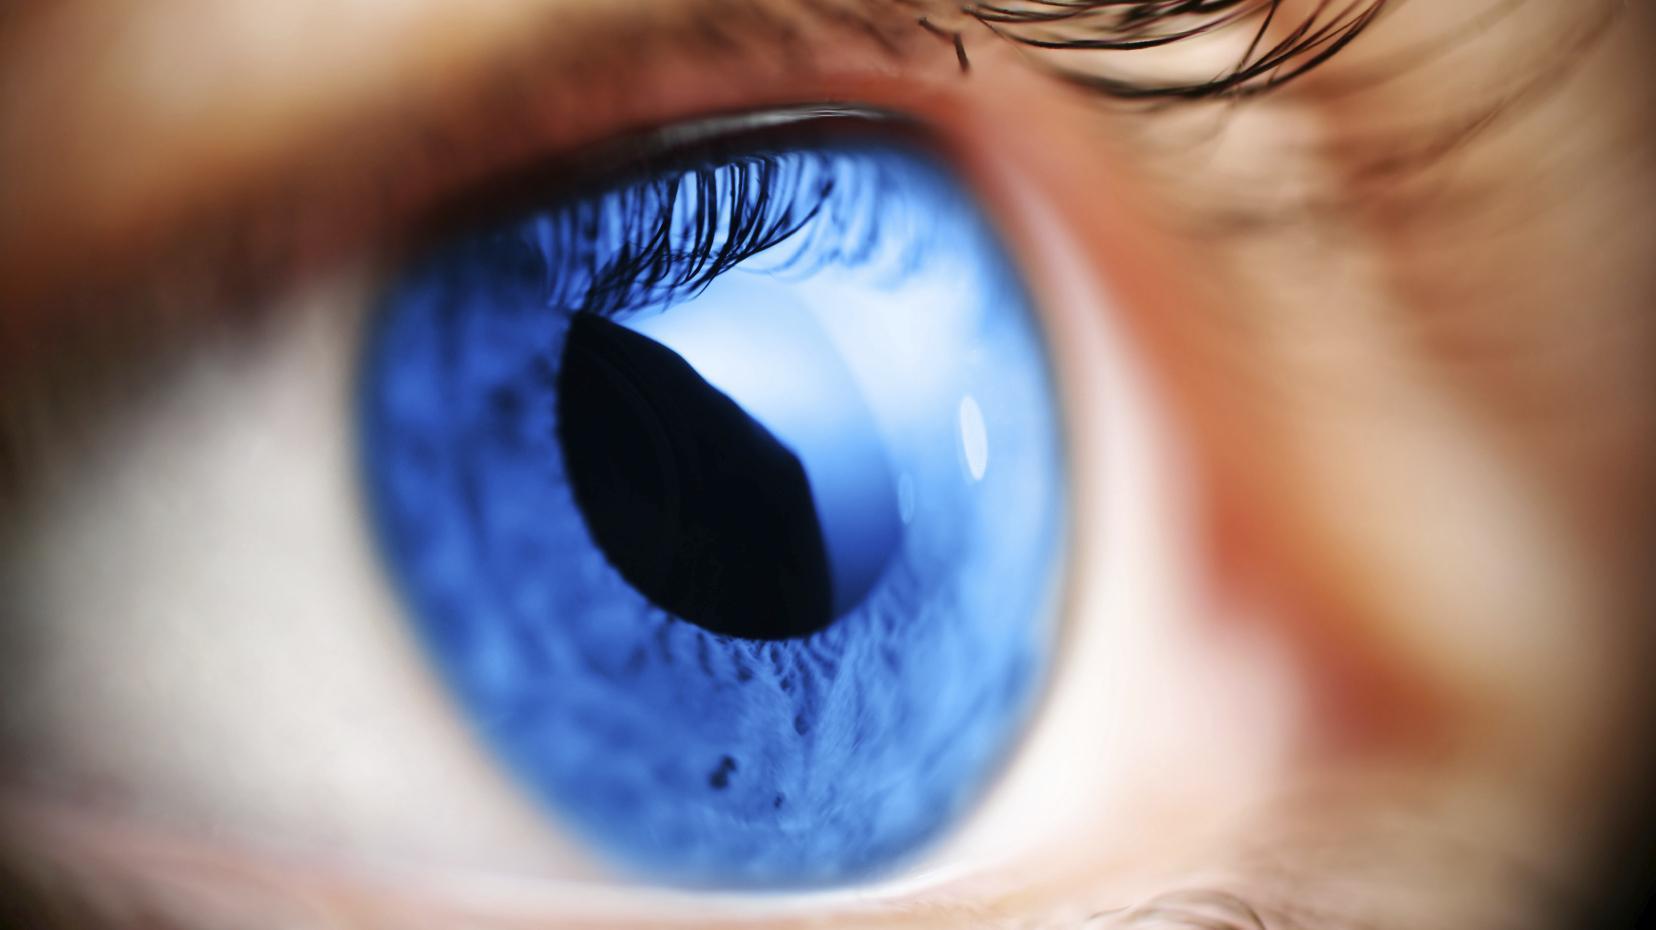 Glaucoma: Inimigo Silencioso da sua Visão